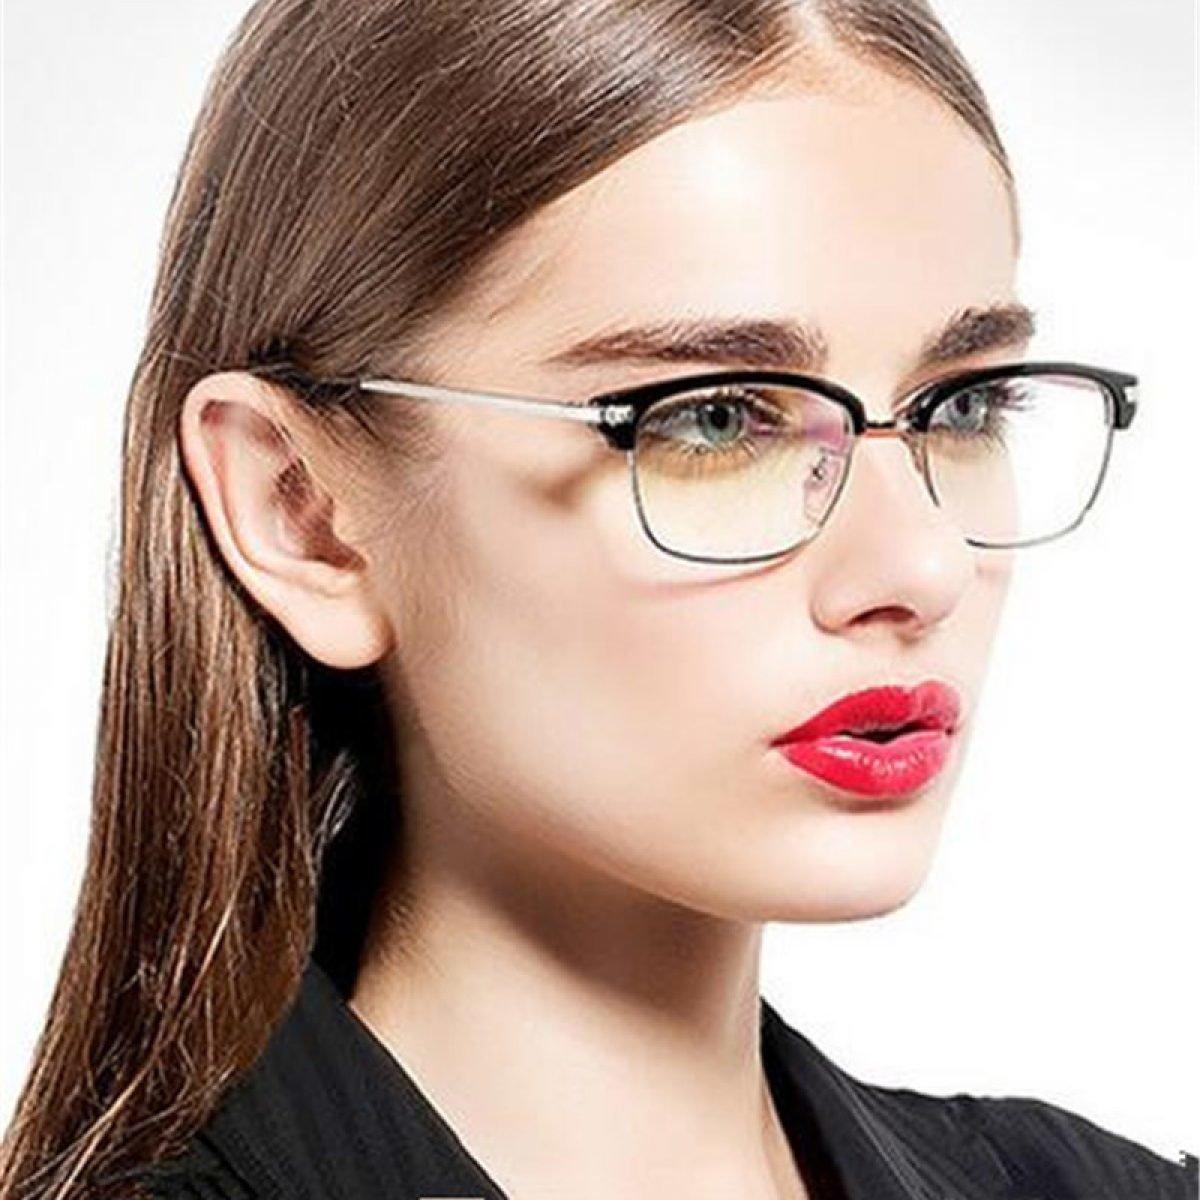 Классных фото строгие девушки в очках сексуальная жопа мире